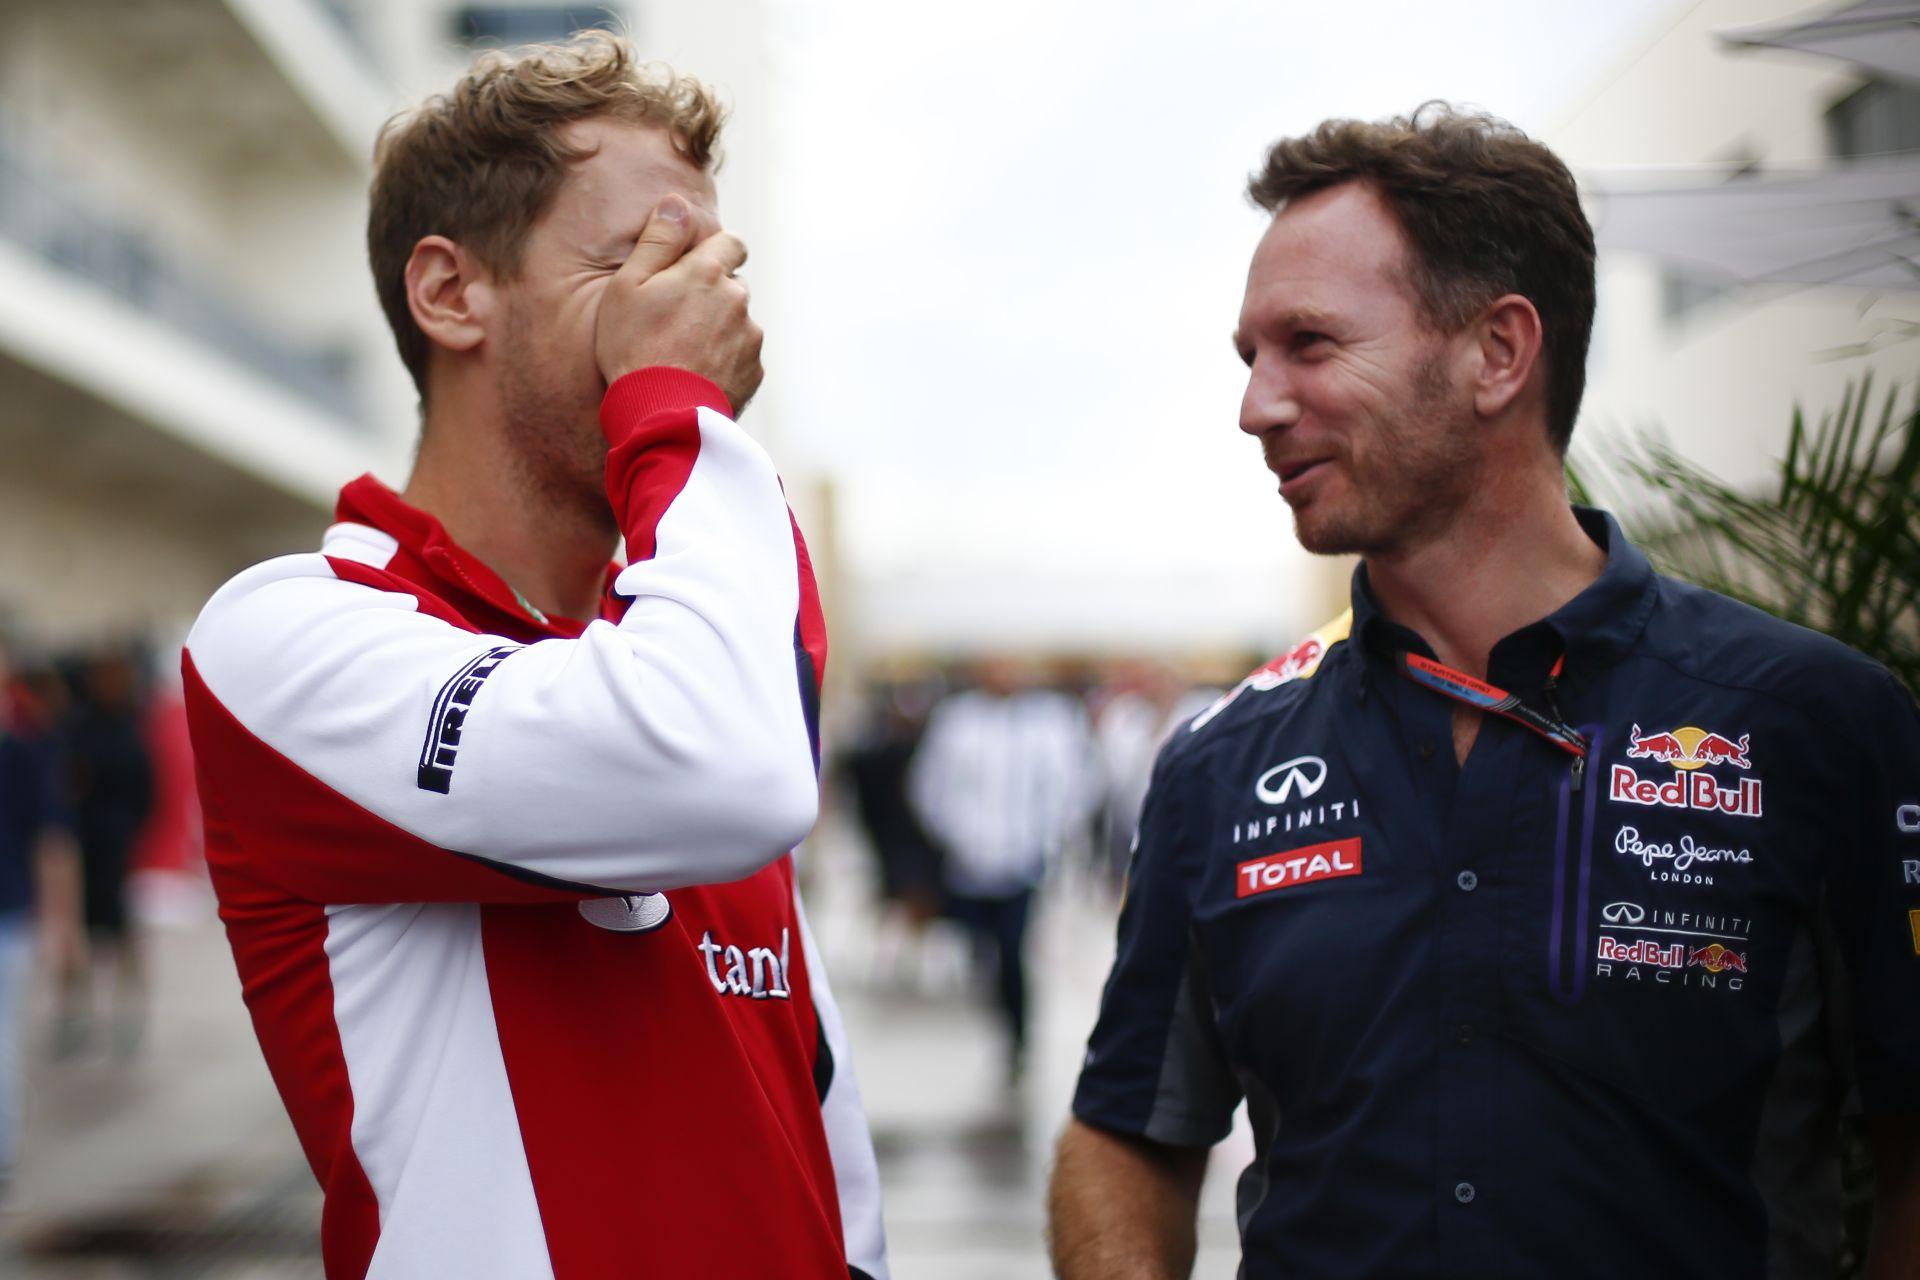 Vettel saját maga ment vissza a bokszba, motorral, bukó nélkül